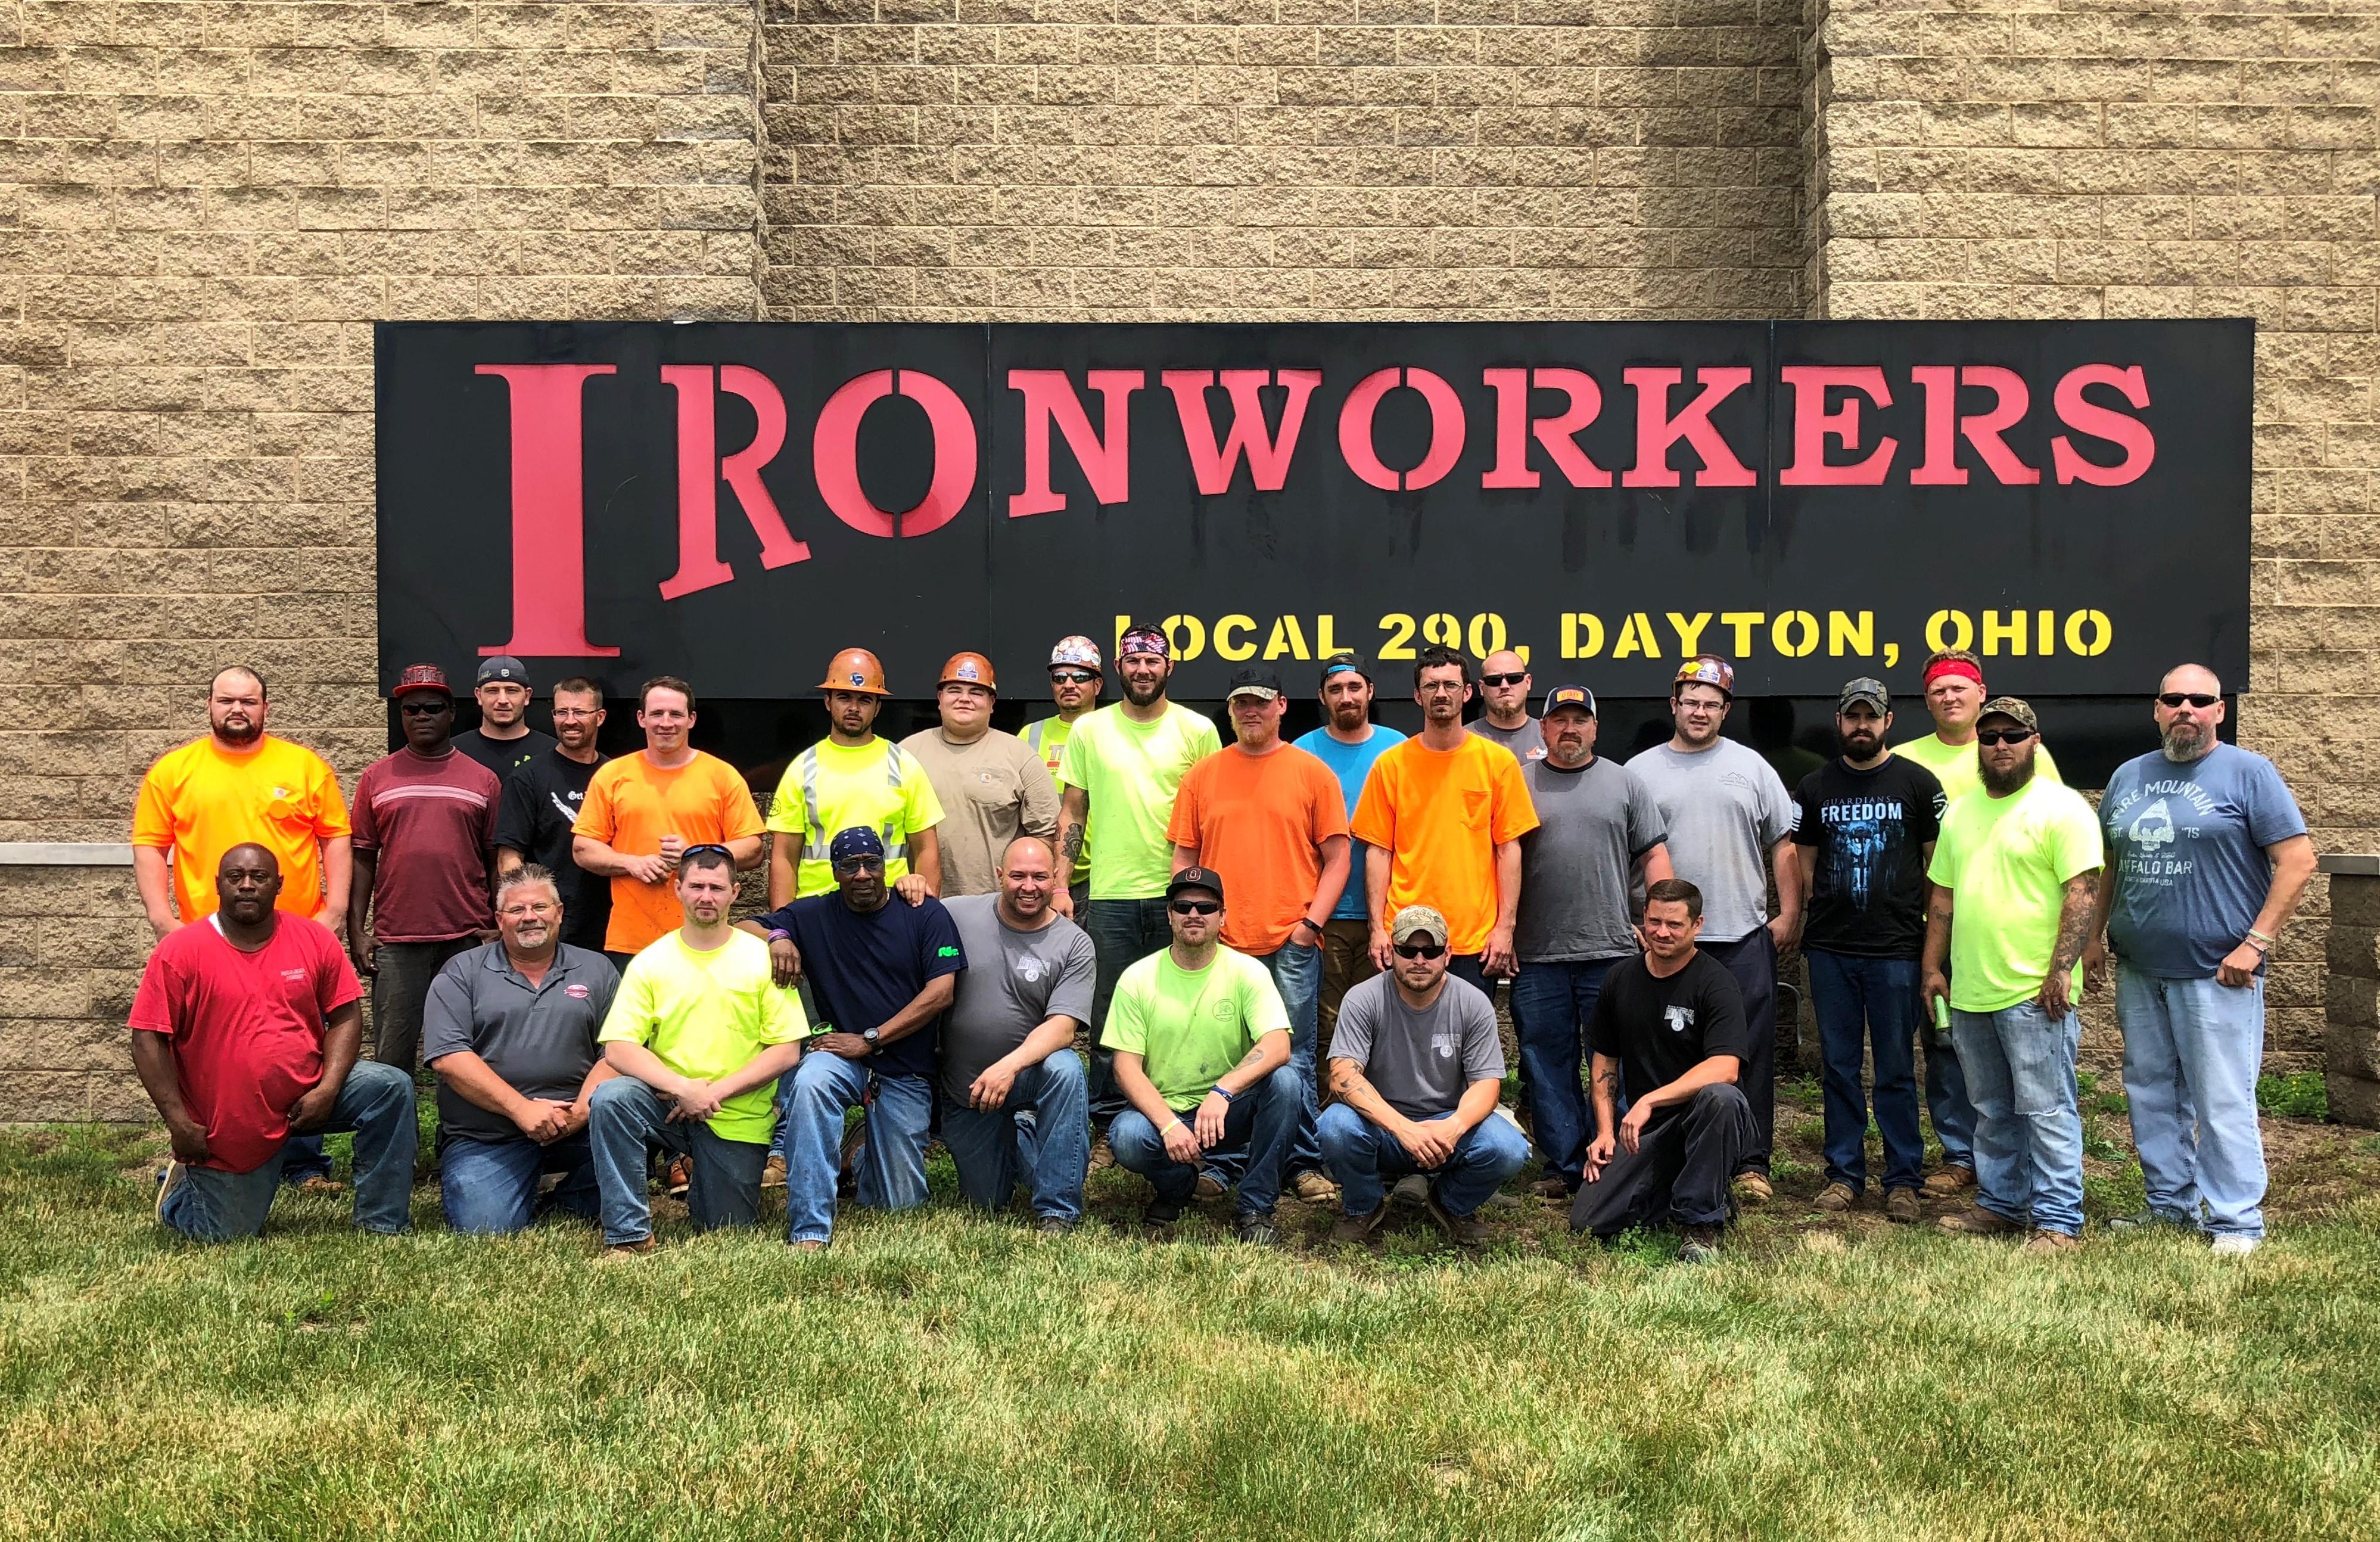 Ohio Ironworkers